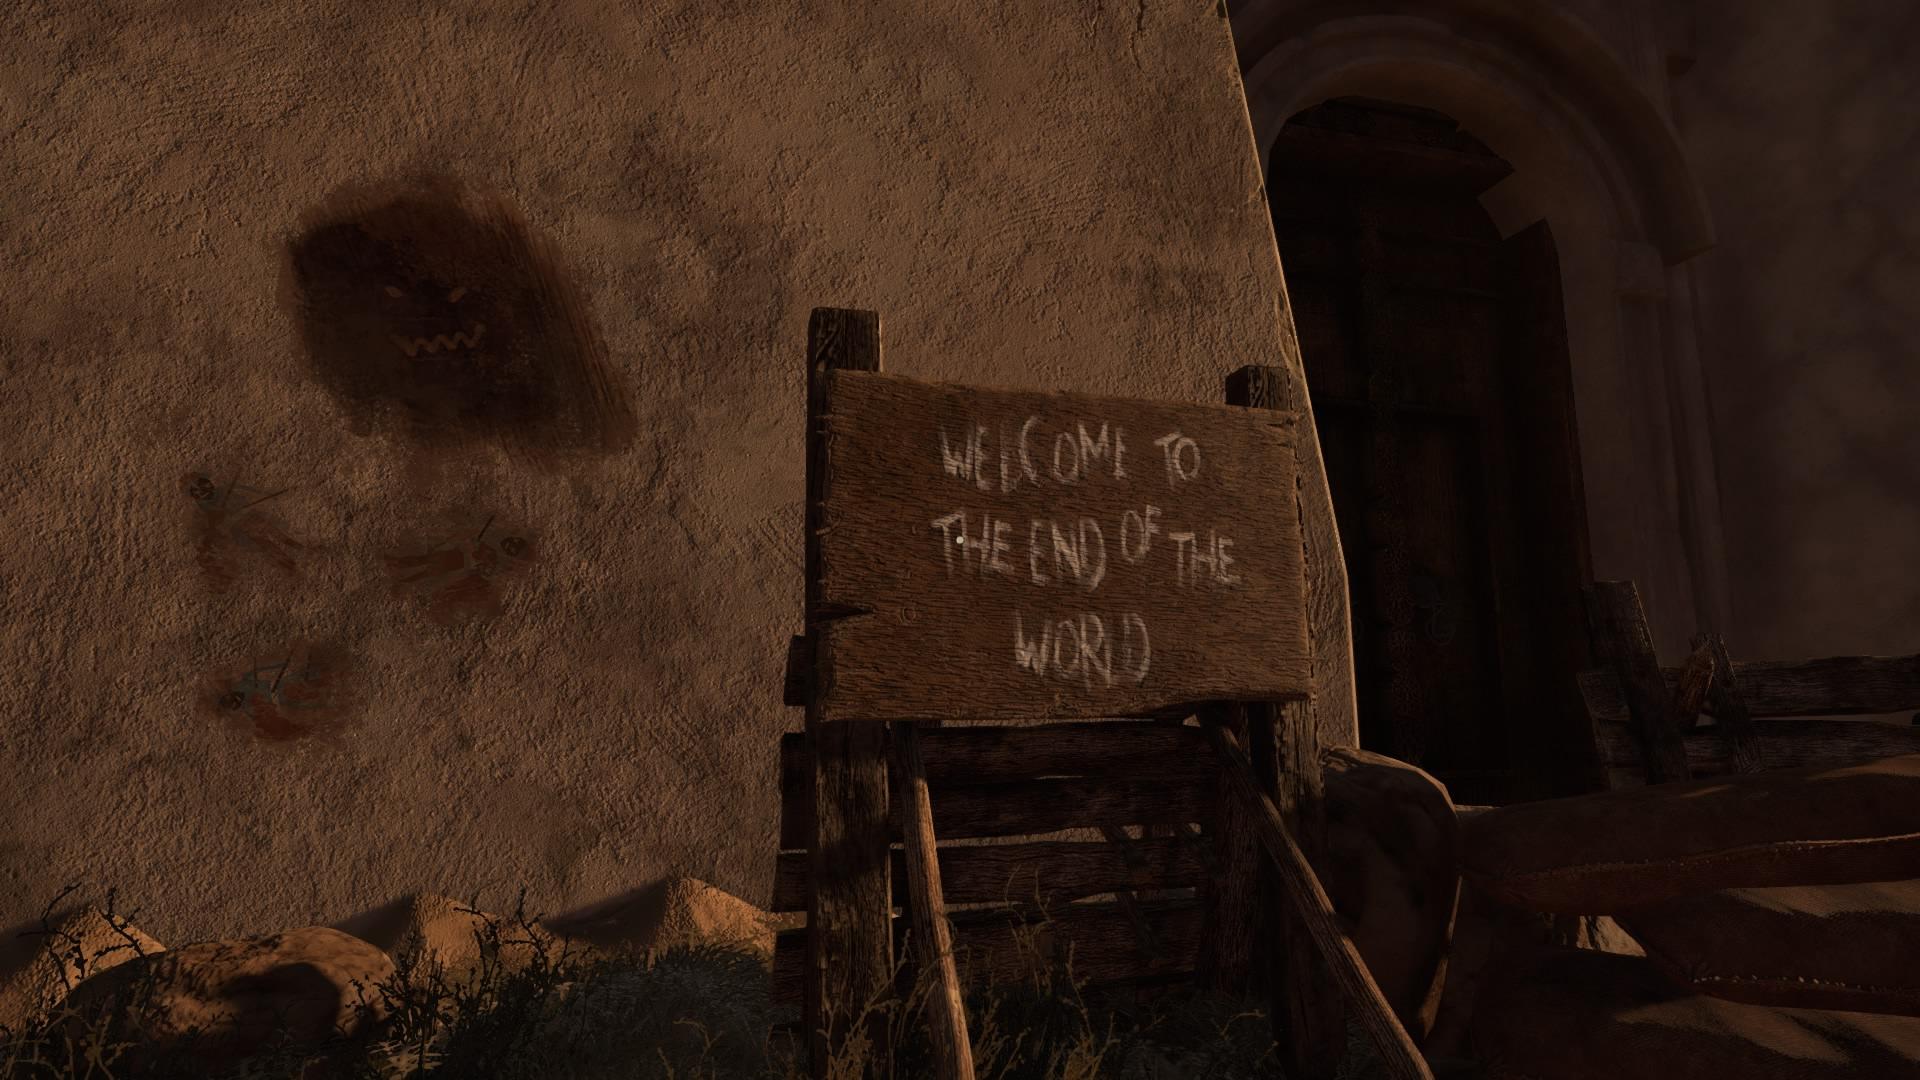 To je ale milé privítanie.